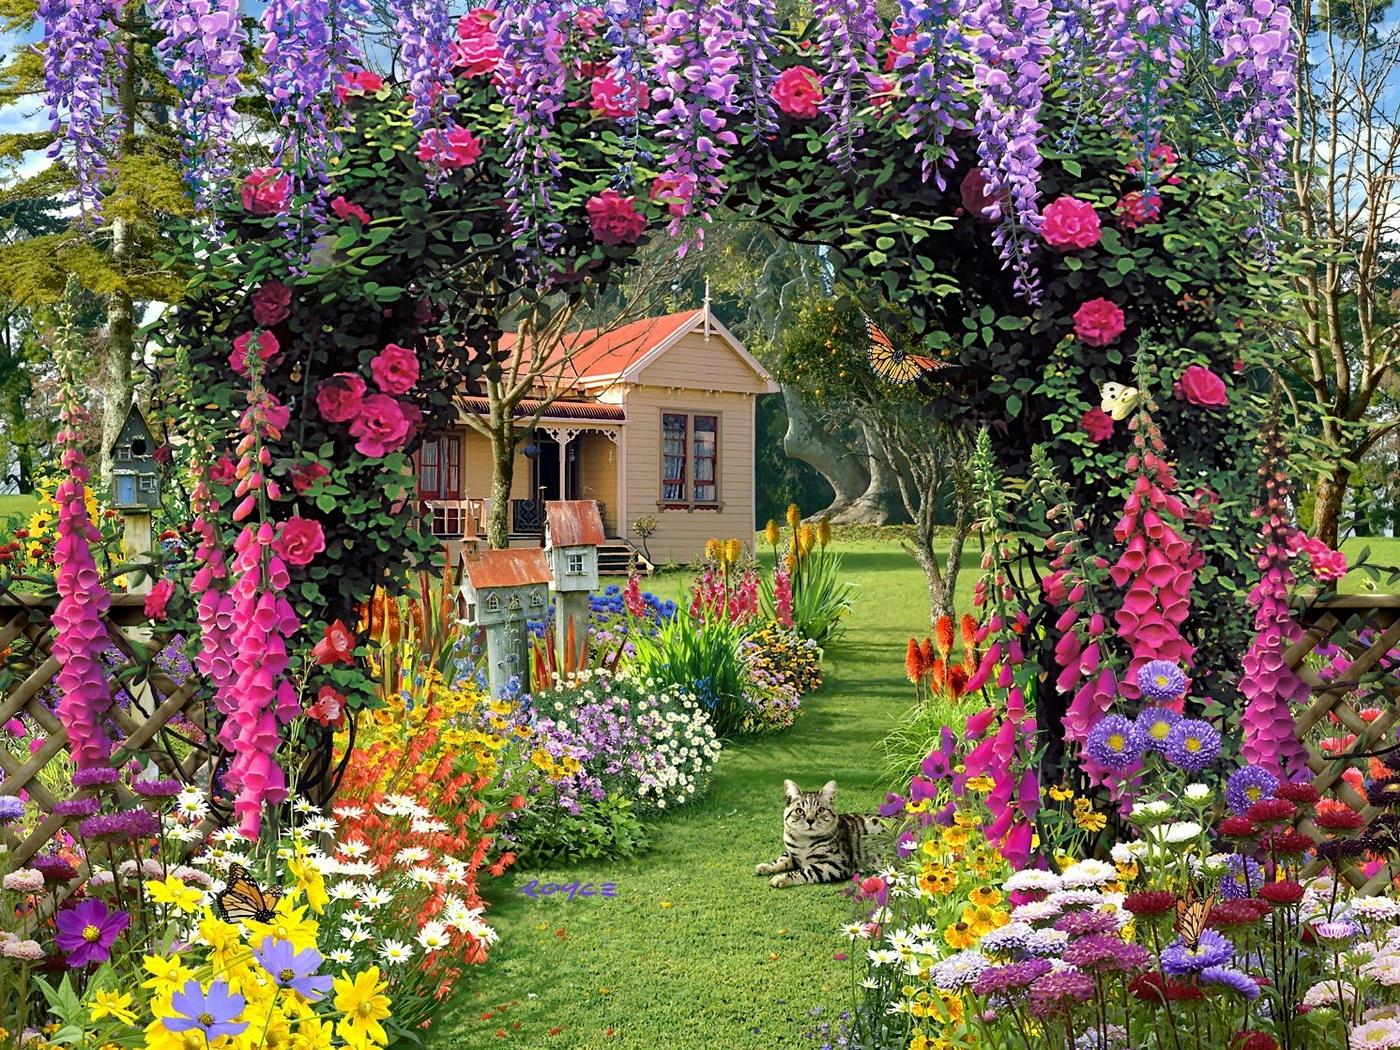 summer garden flower wallpaper-free-hd-for-desktop - hd wallpaper